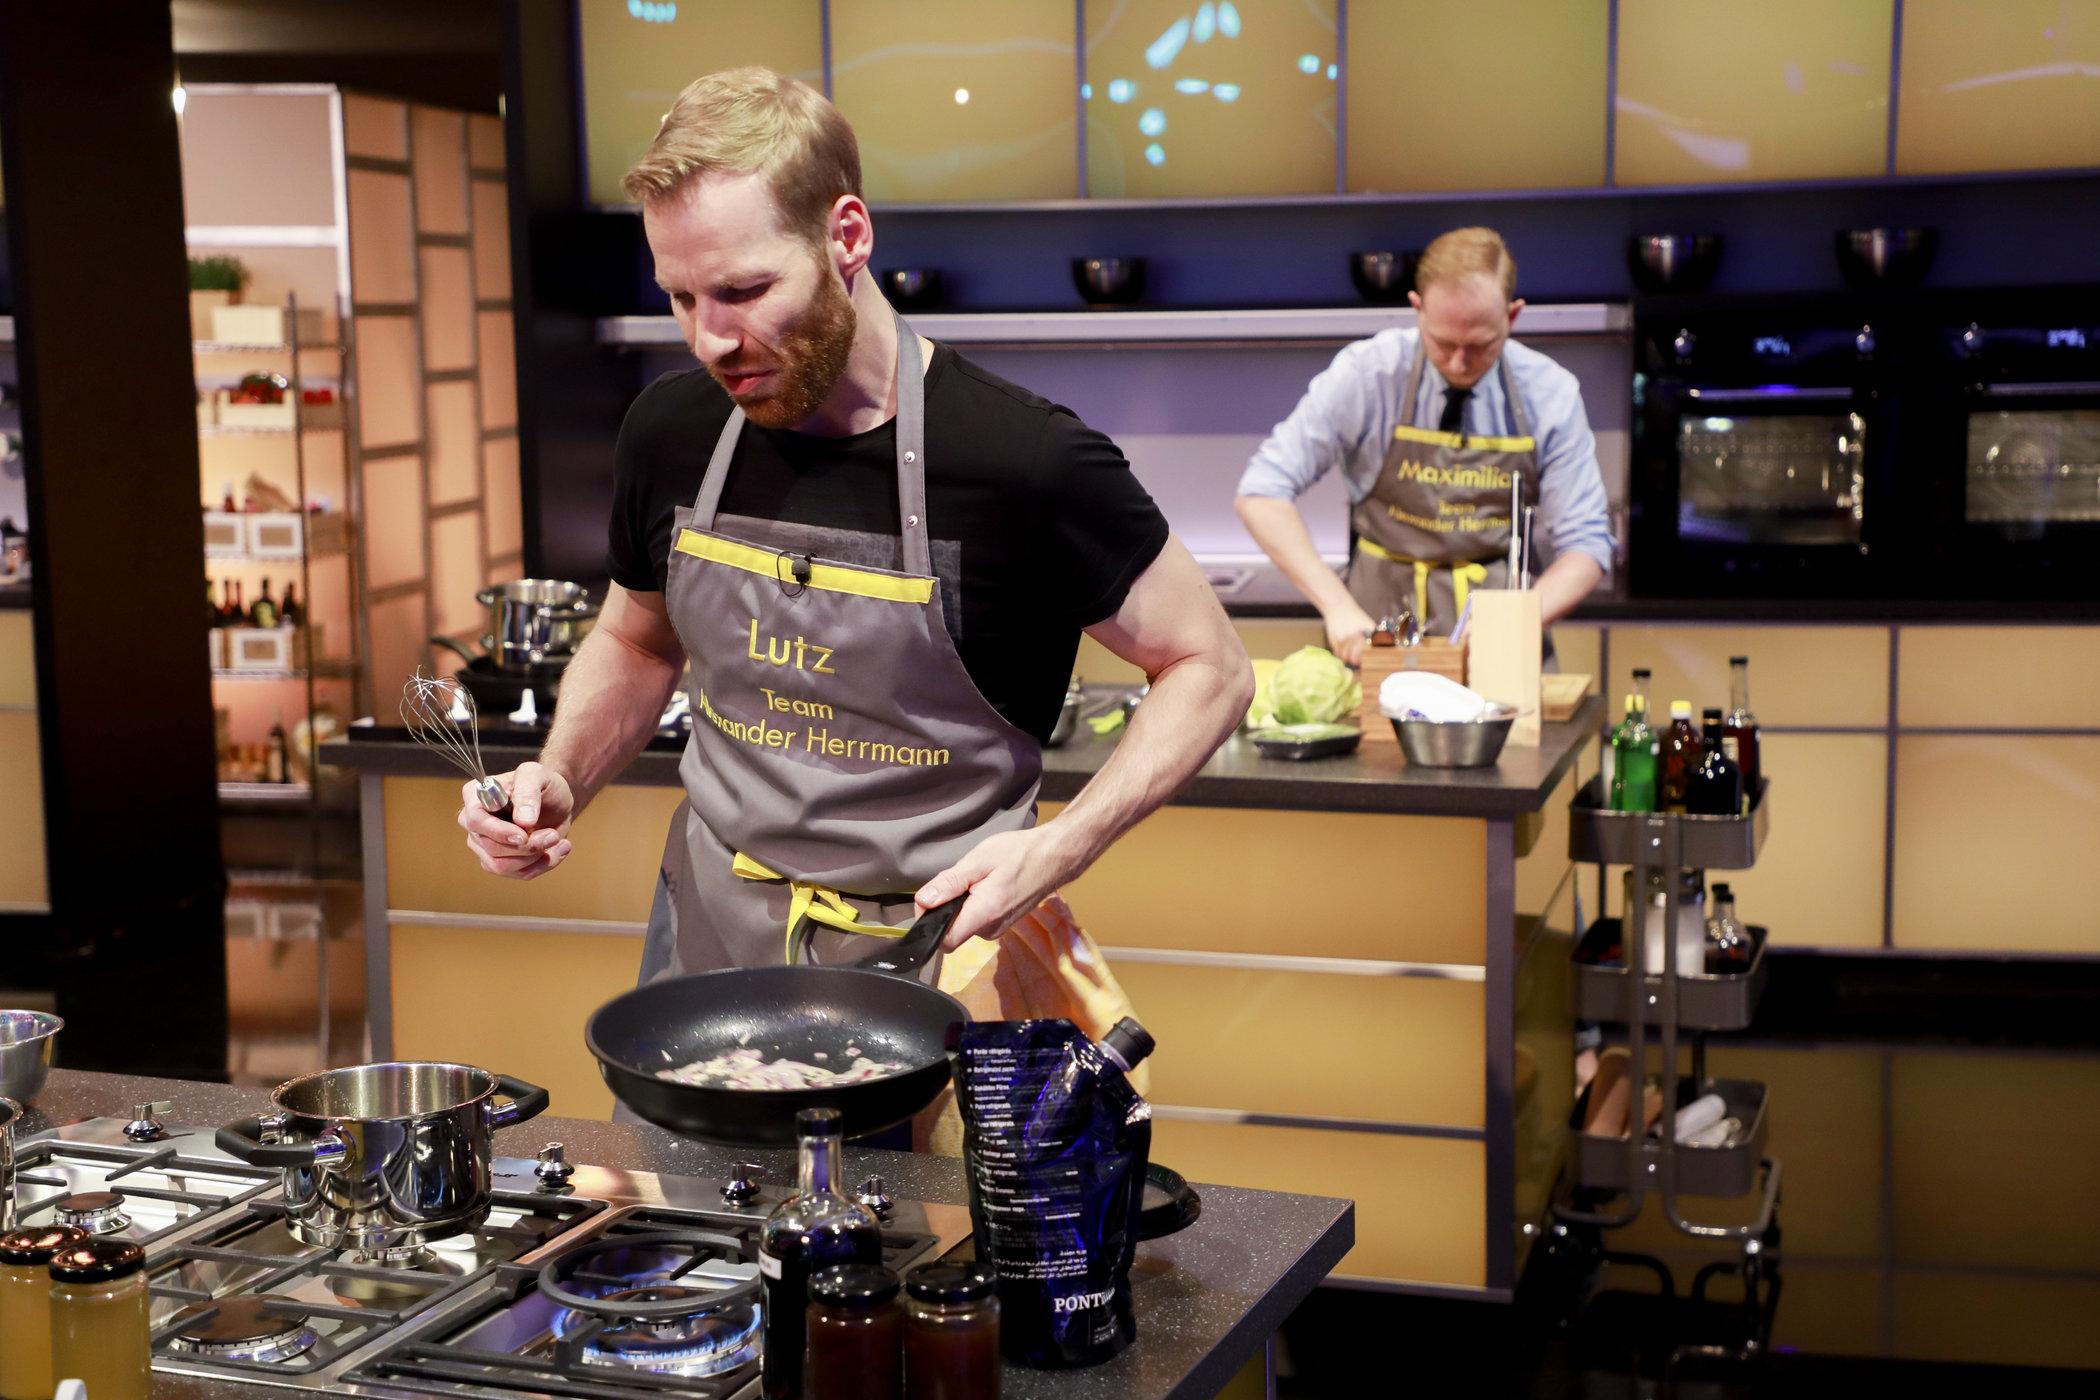 Lutz im The Taste Studio@work